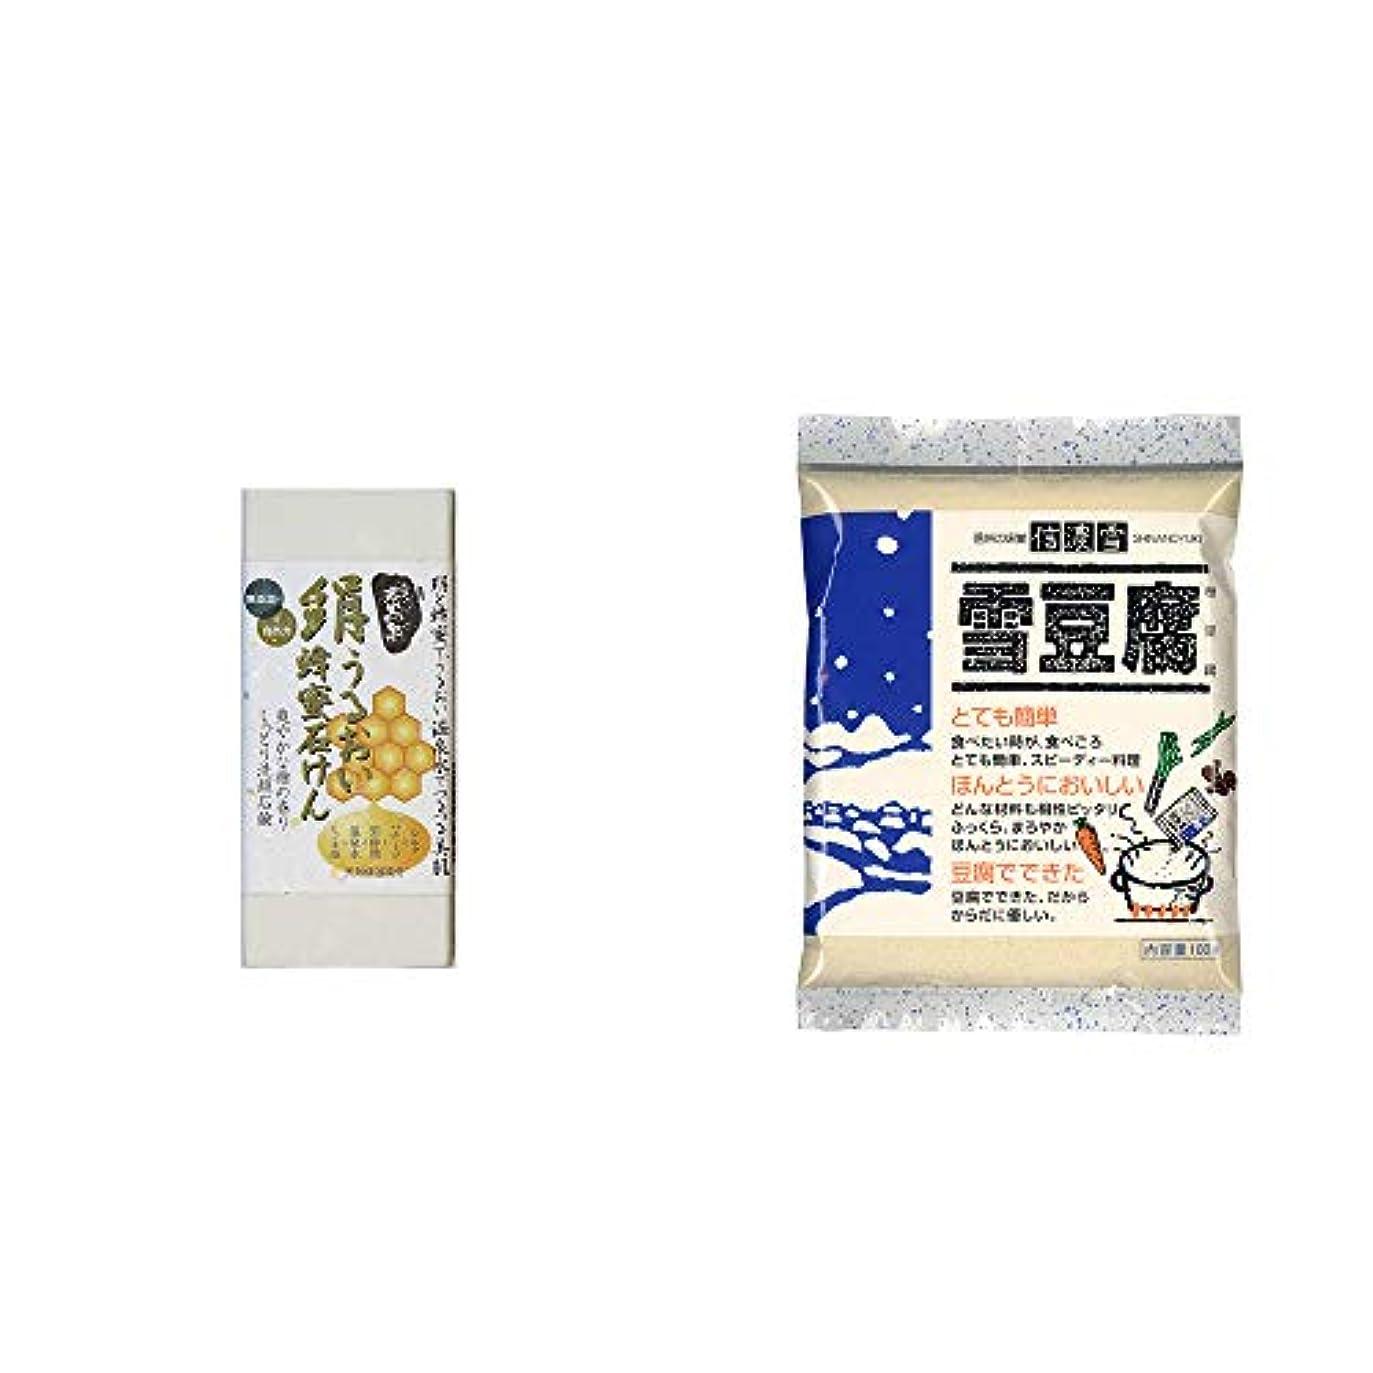 マザーランド断言するそれによって[2点セット] ひのき炭黒泉 絹うるおい蜂蜜石けん(75g×2)?信濃雪 雪豆腐(粉豆腐)(100g)